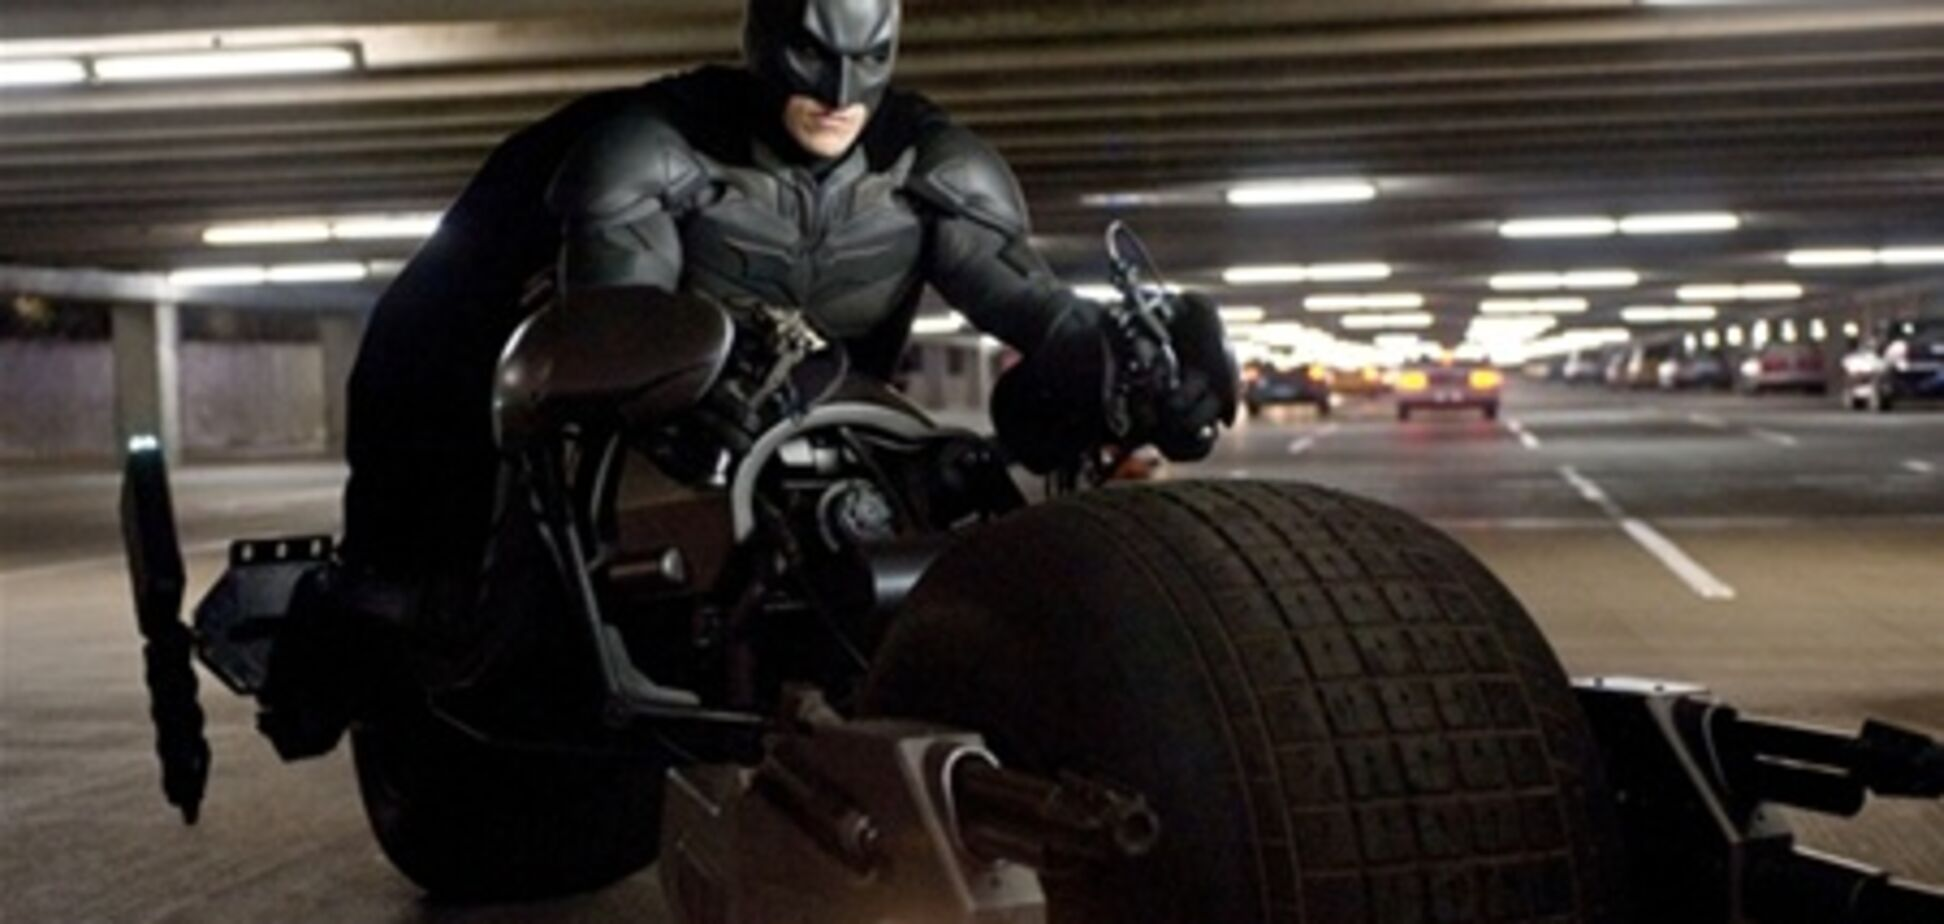 Сборы нового 'Бэтмена' превысили 800 миллионов